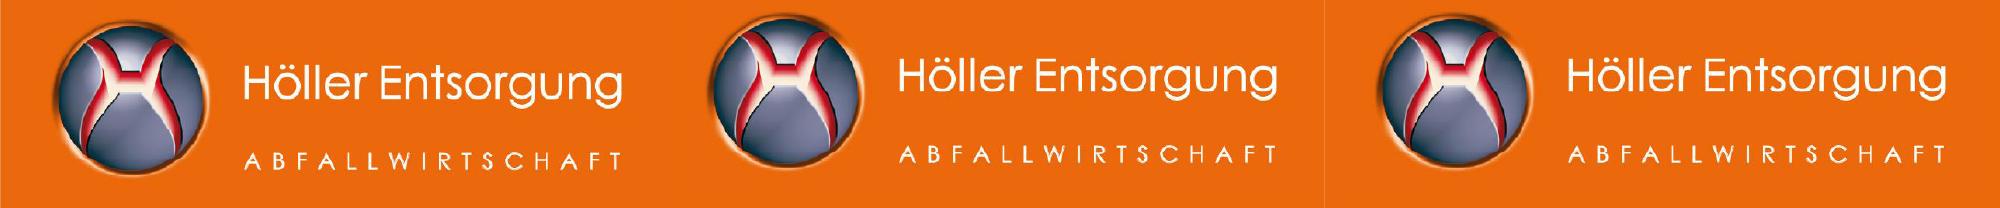 Entsorgung Hoeller